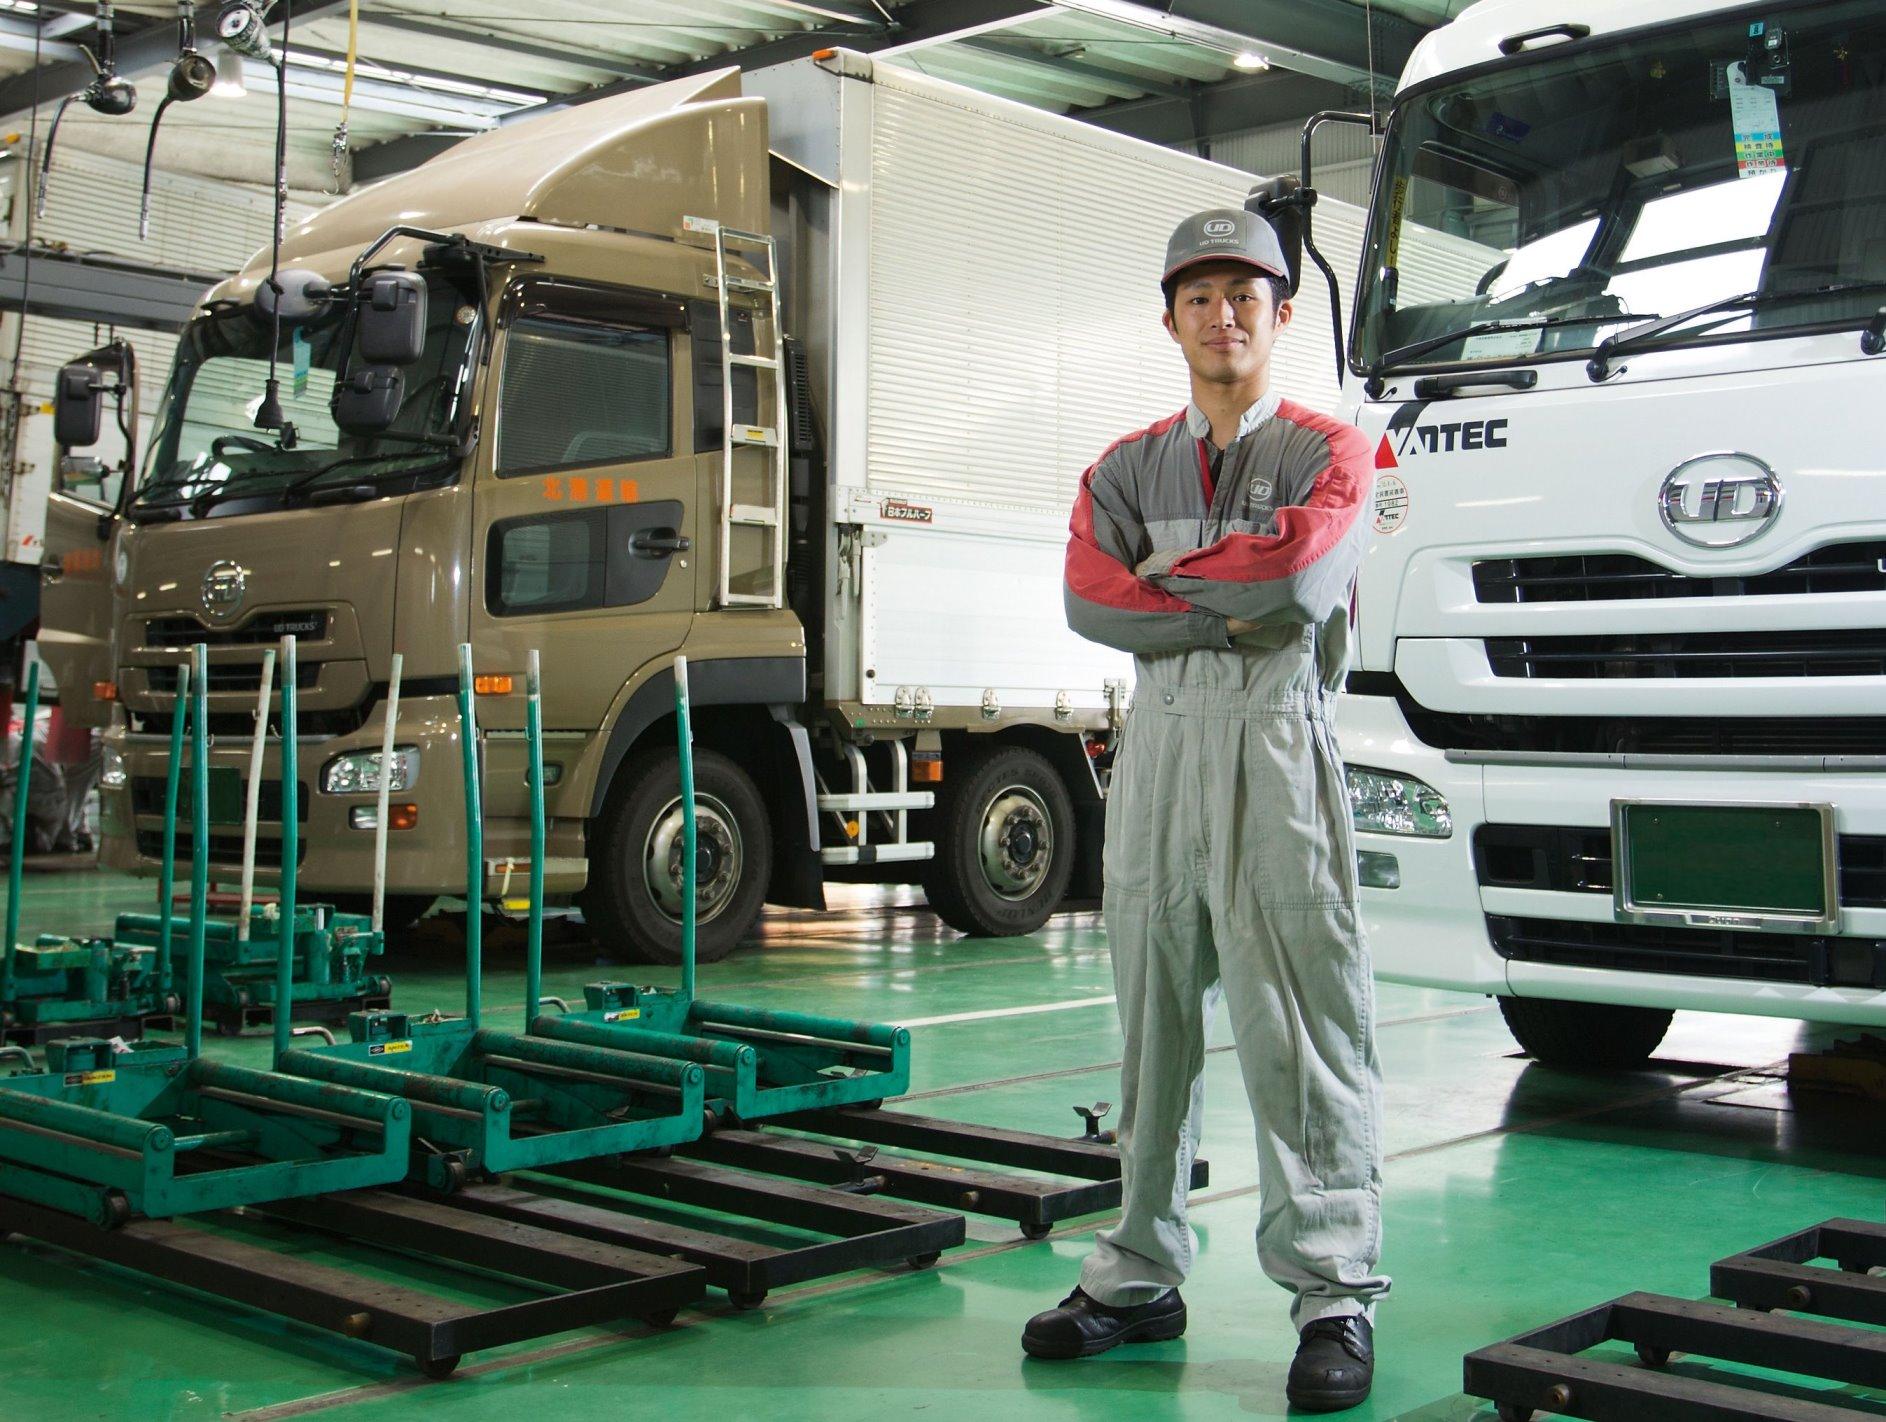 【正社員 埼玉県(日高)】高年収!残業少!大手トラックメーカーの整備士募集!